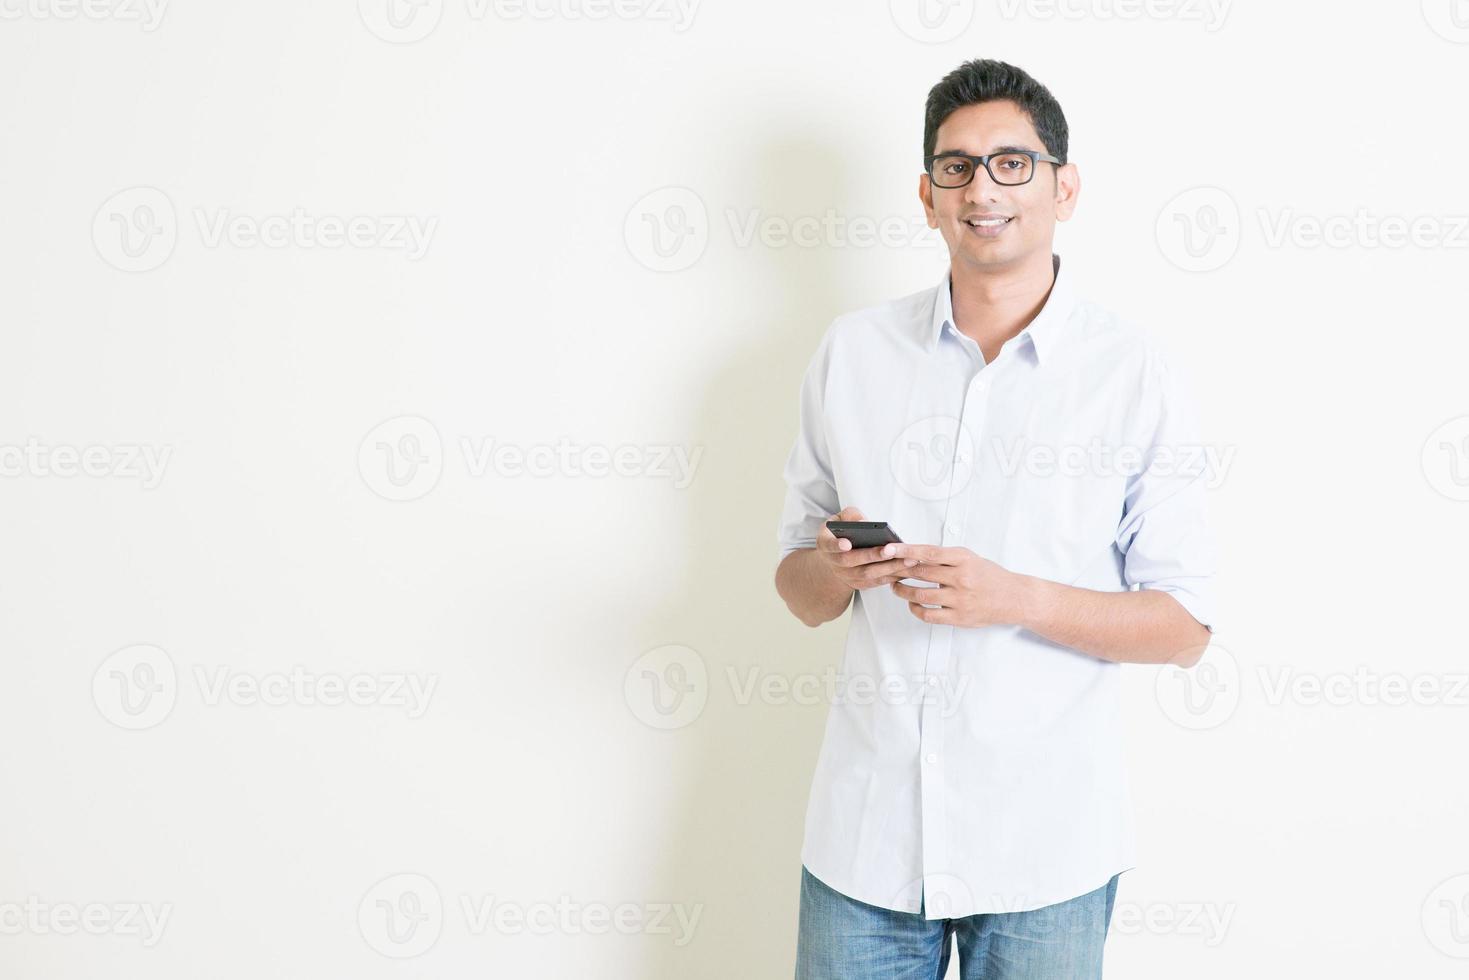 maschio indiano business casual utilizzando applicazioni mobili foto